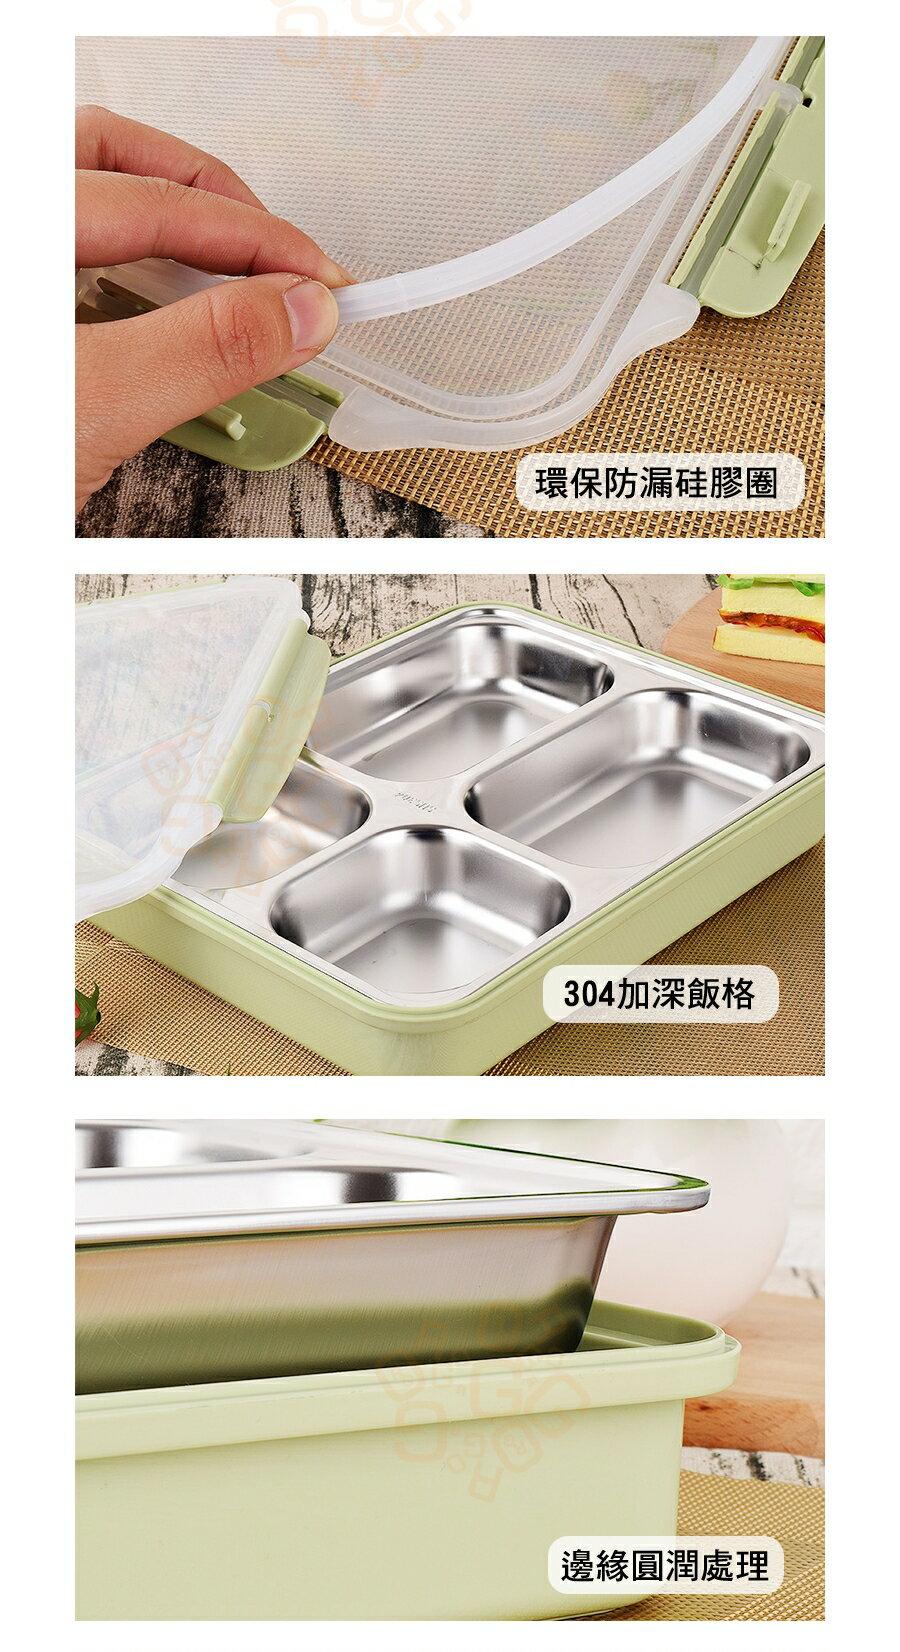 ORG《SD1012》304不鏽鋼~ 可微波 五格 便當盒 野餐盒 餐盒 露營 餐盤 環保餐盒 不鏽鋼餐具 不鏽鋼餐盒 4